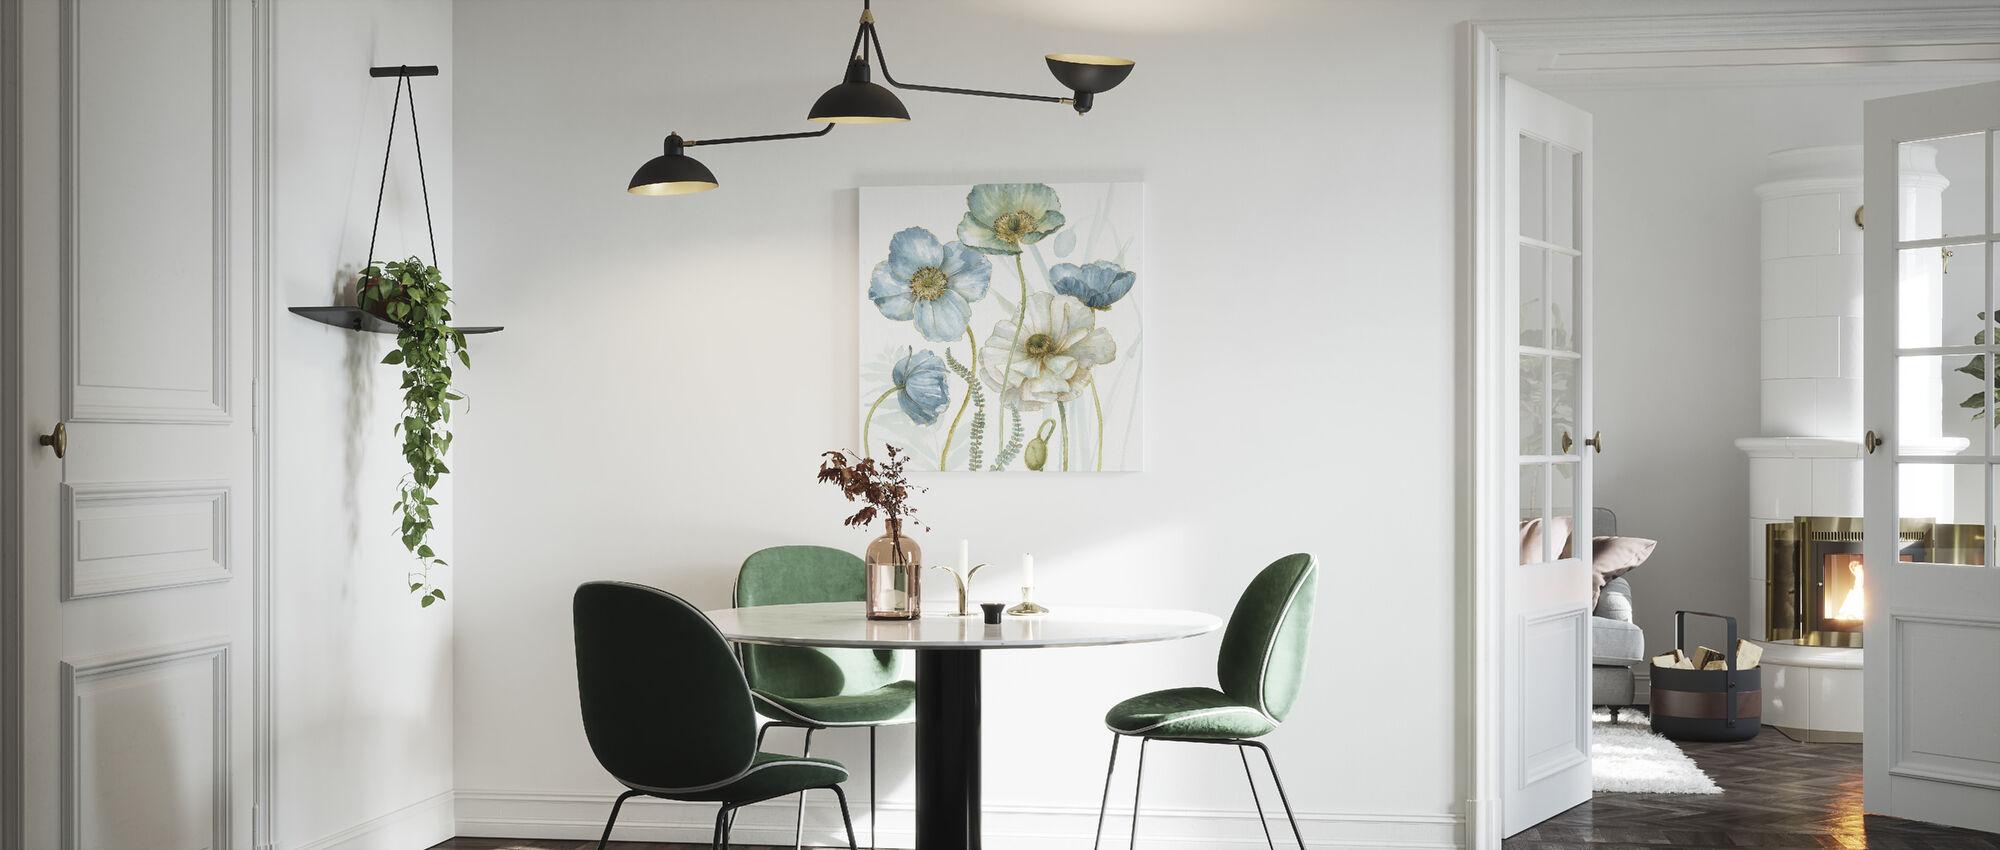 Mijn broeikas Bloemen 5 - Canvas print - Keuken